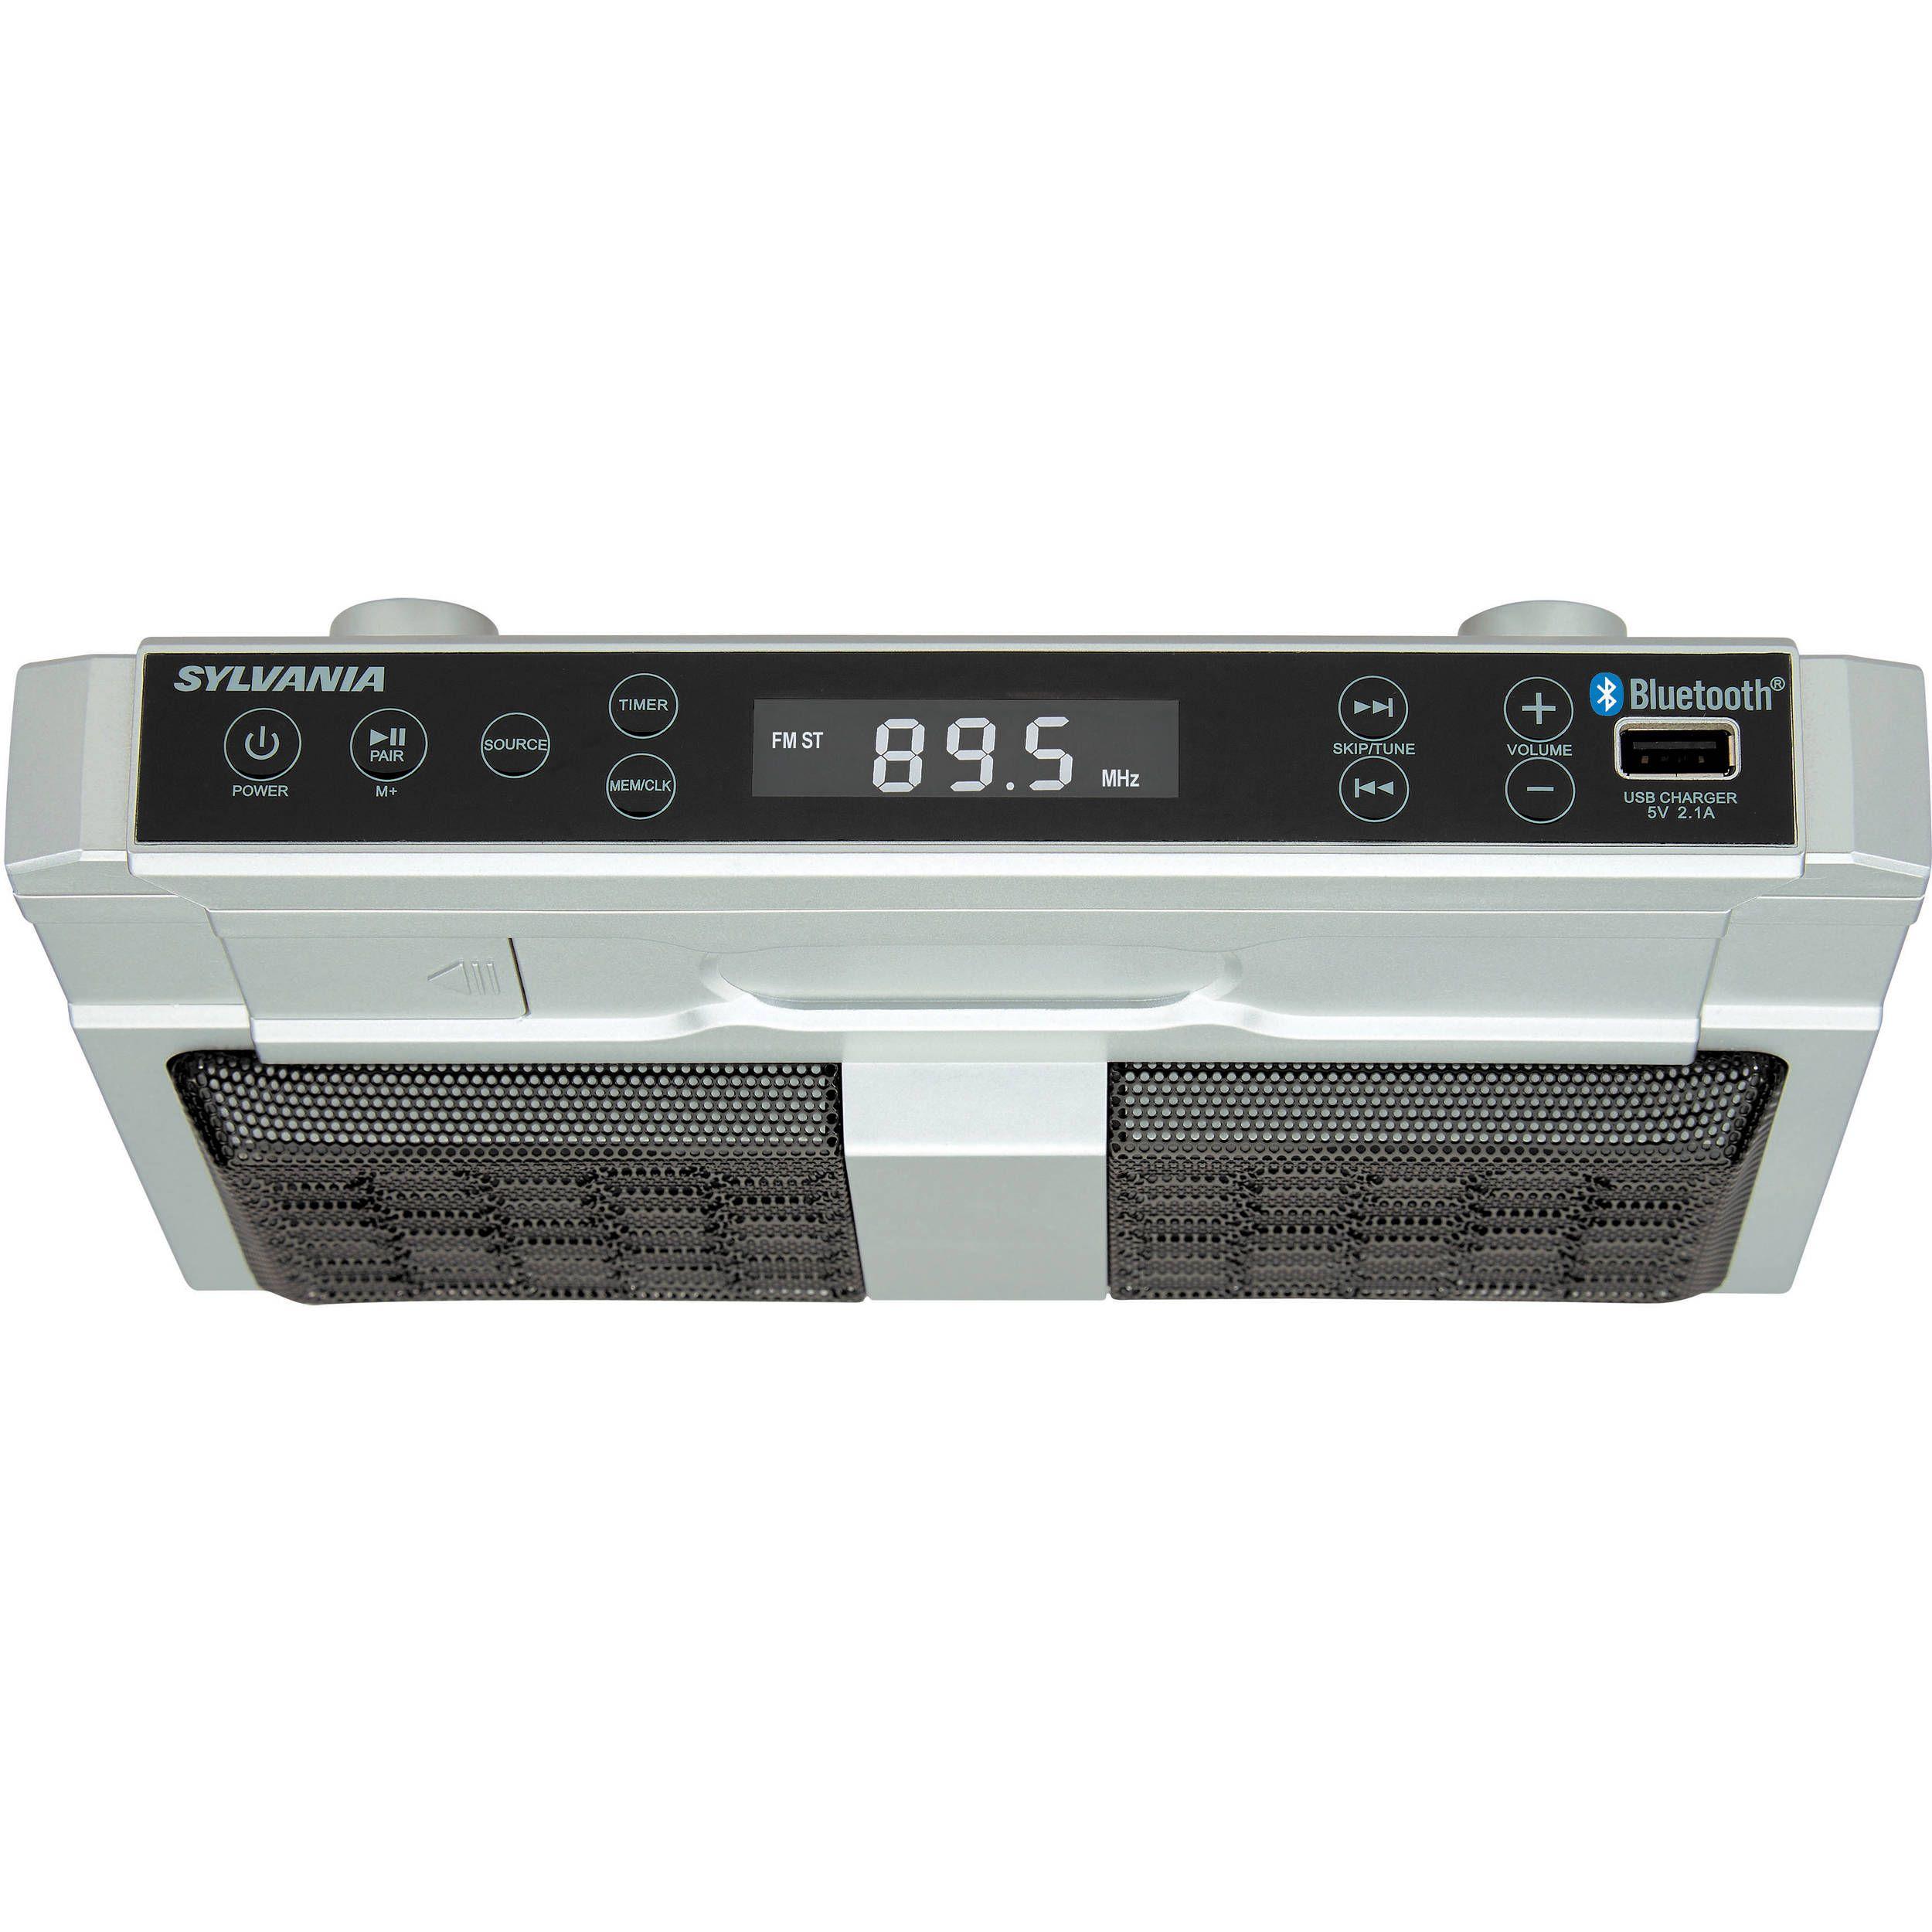 Bose Kitchen Radio Under Cabinet Rooms Bluetooth Player